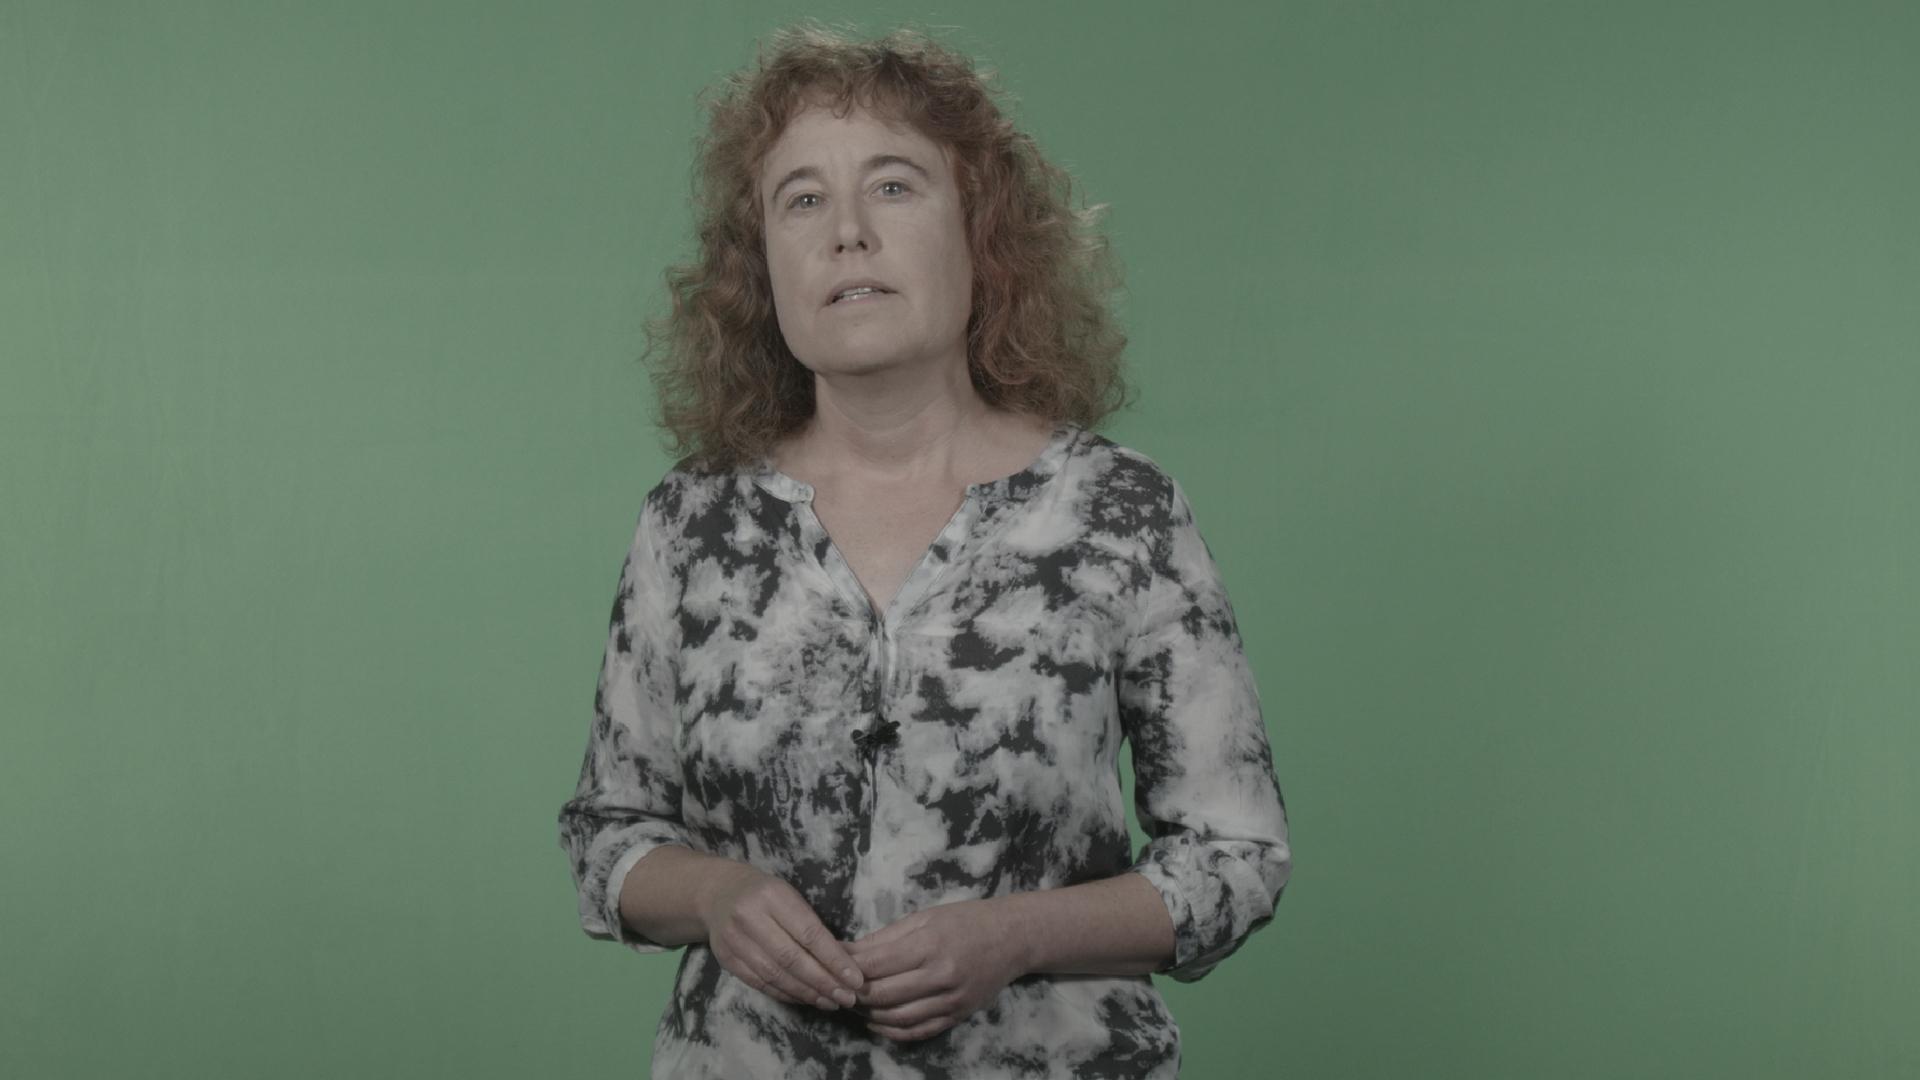 1.Sharon